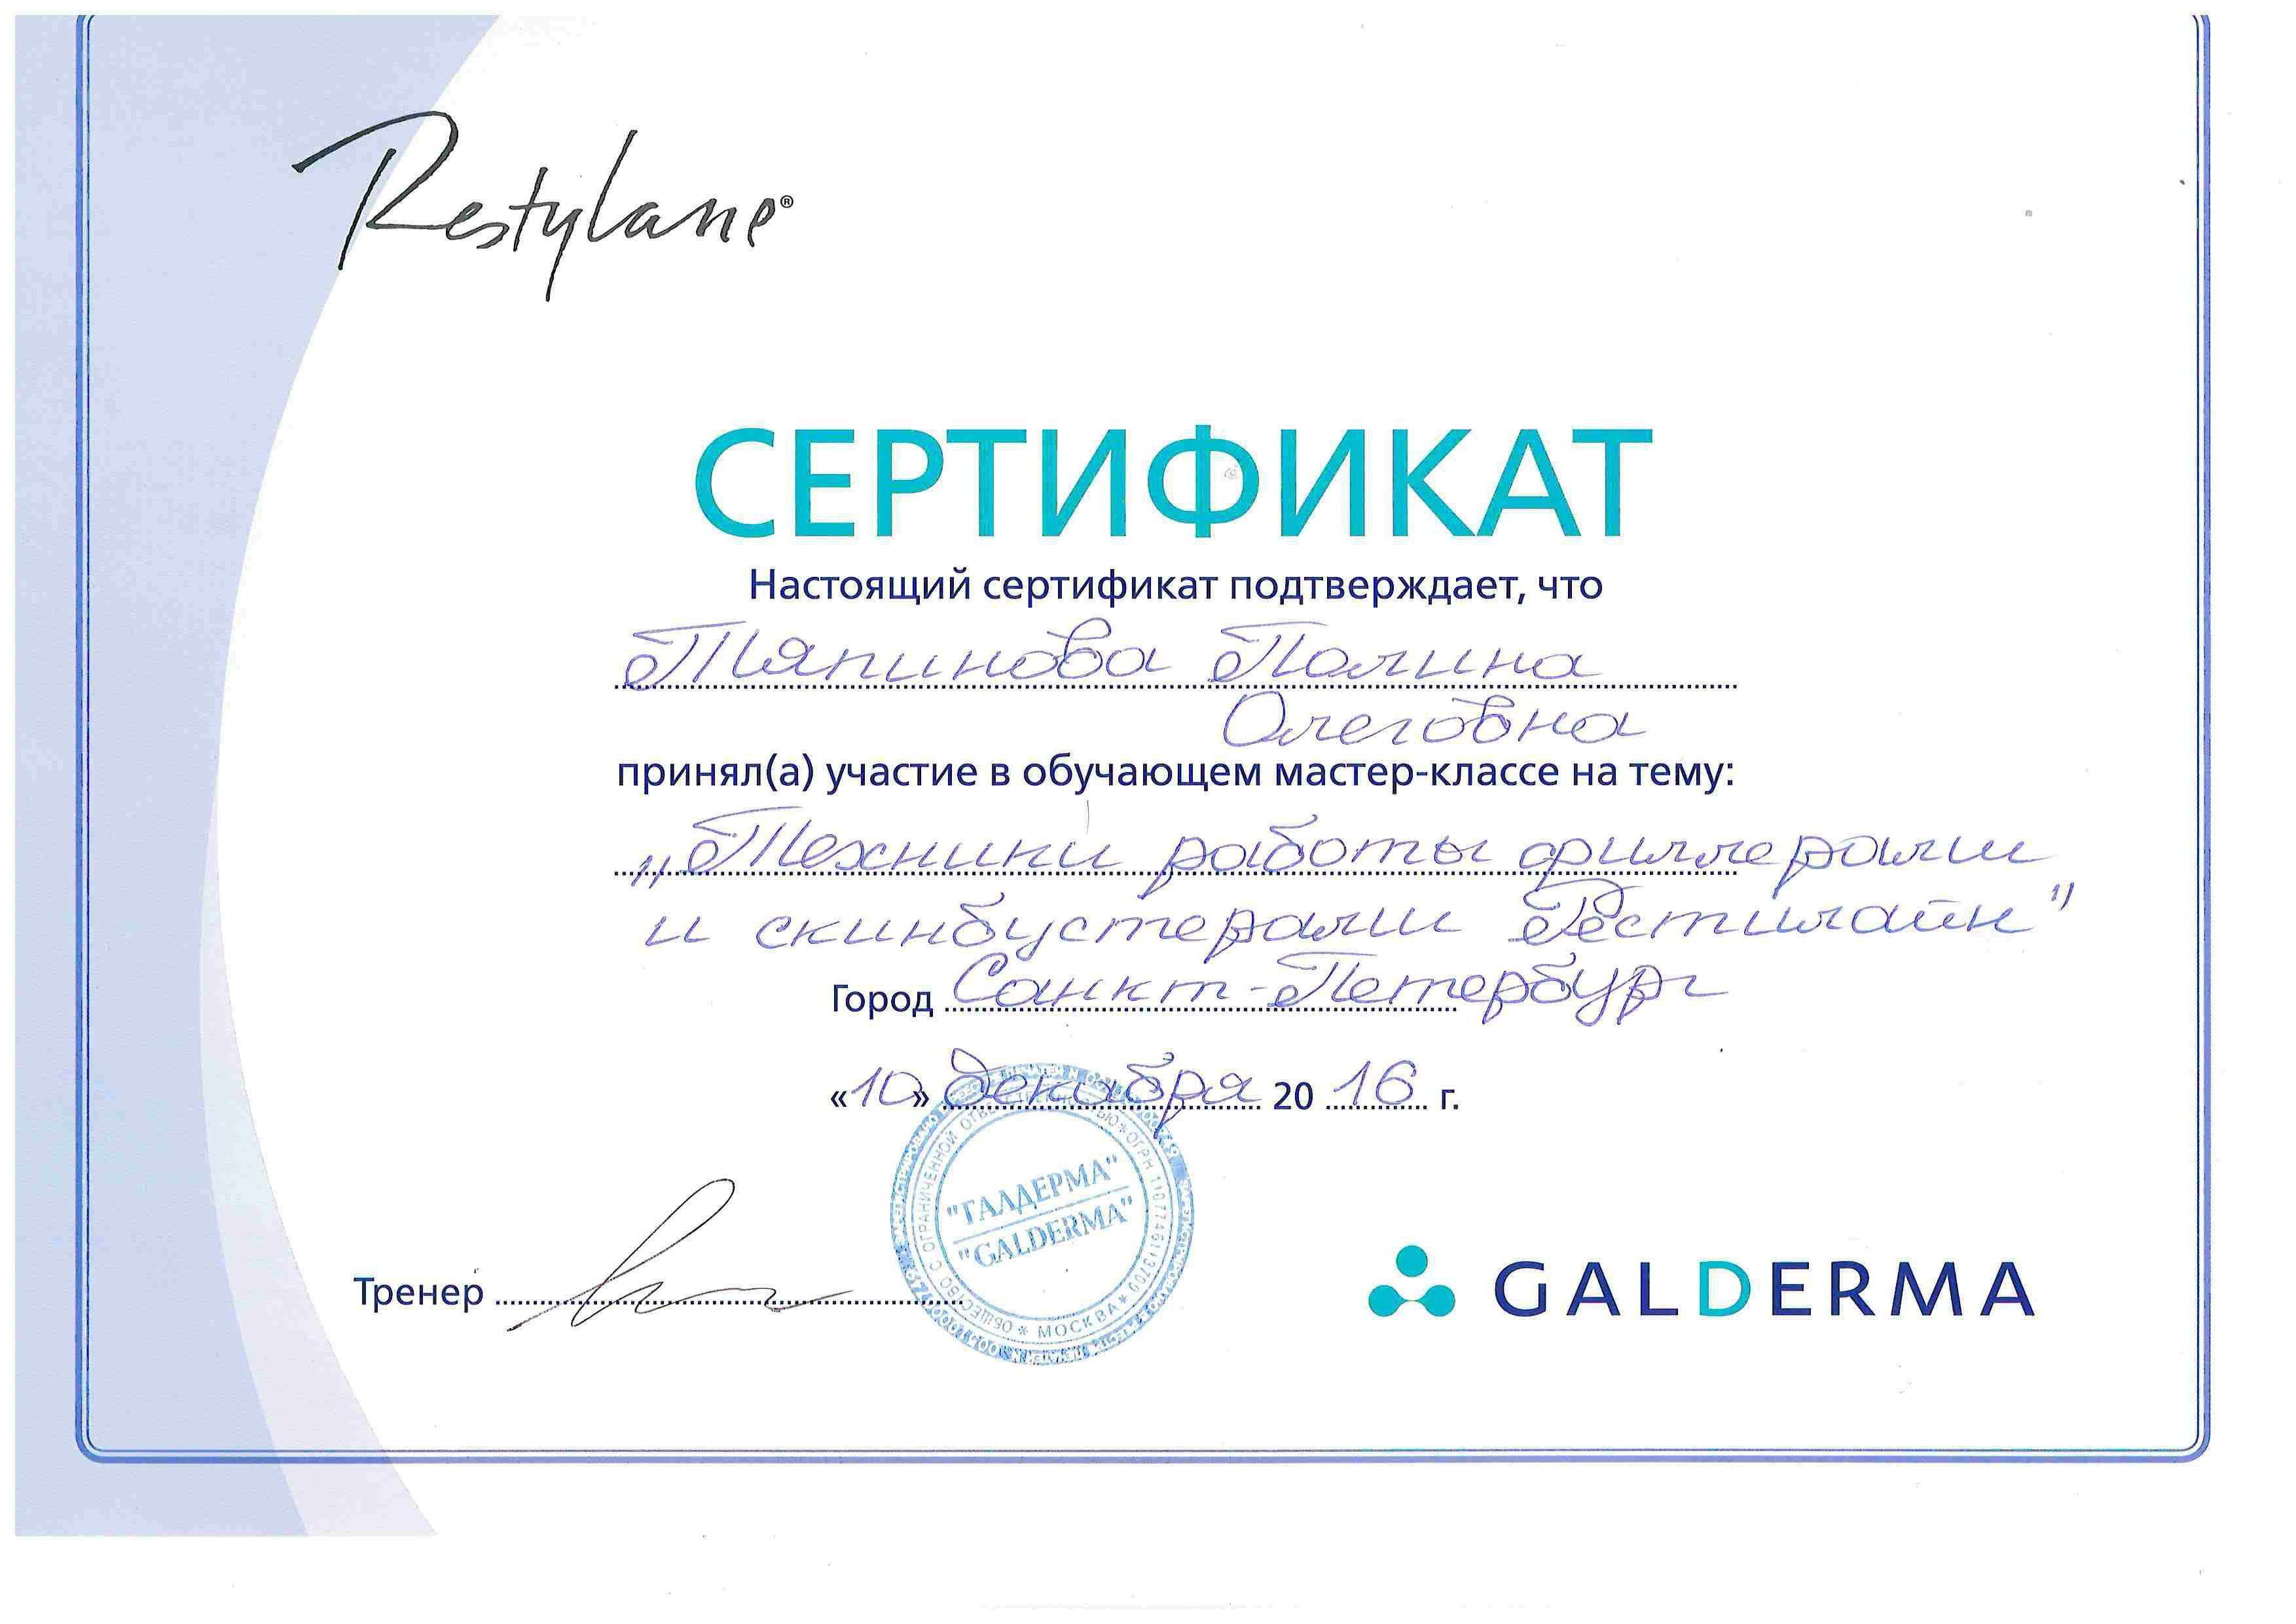 Сертификат Соловьева 15